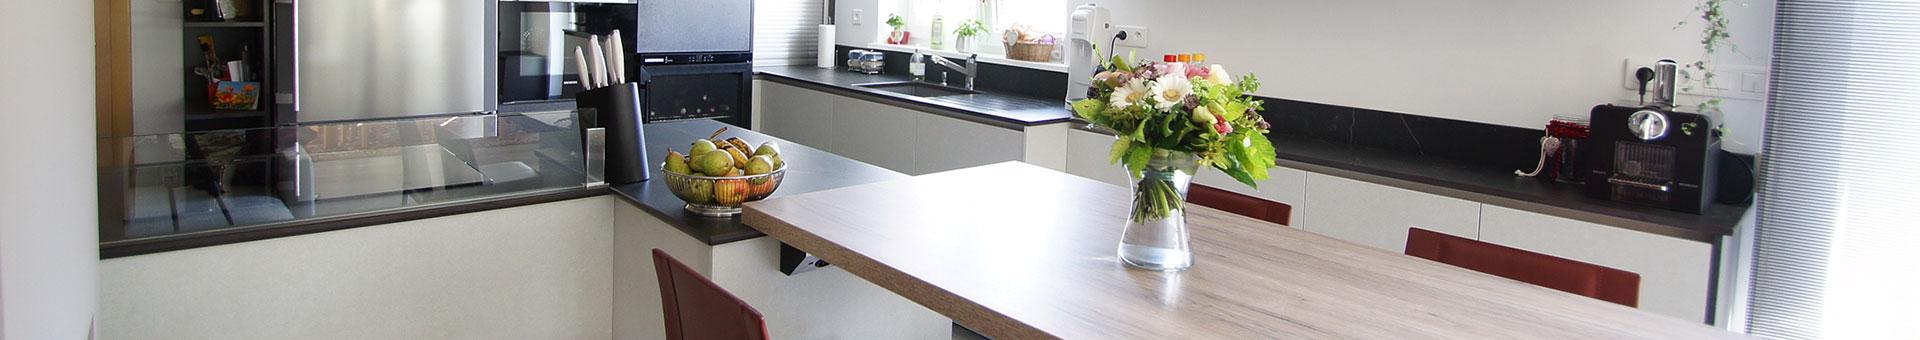 menuiserie int rieure et ext rieure sur mesure colmar cuisines et cr ations. Black Bedroom Furniture Sets. Home Design Ideas